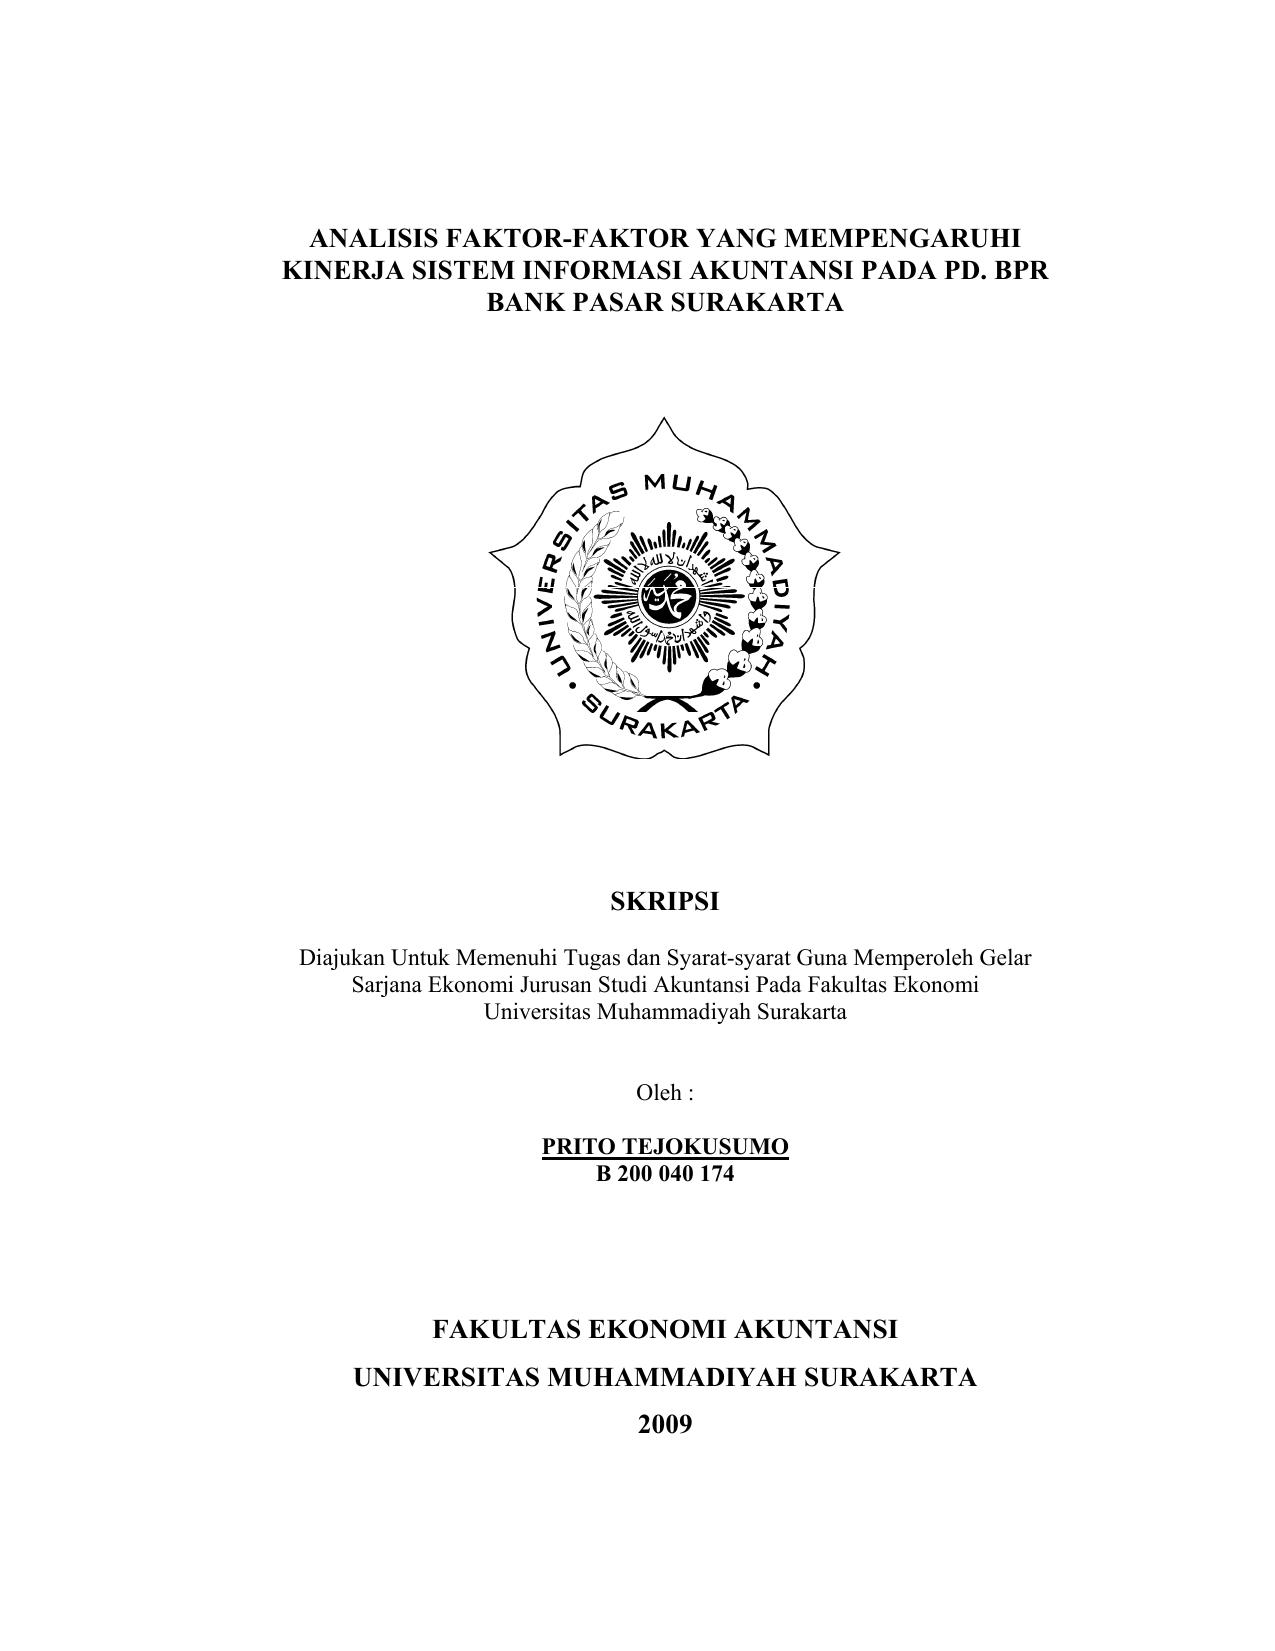 Skripsi Sistem Informasi Akuntansi Ide Judul Skripsi Universitas